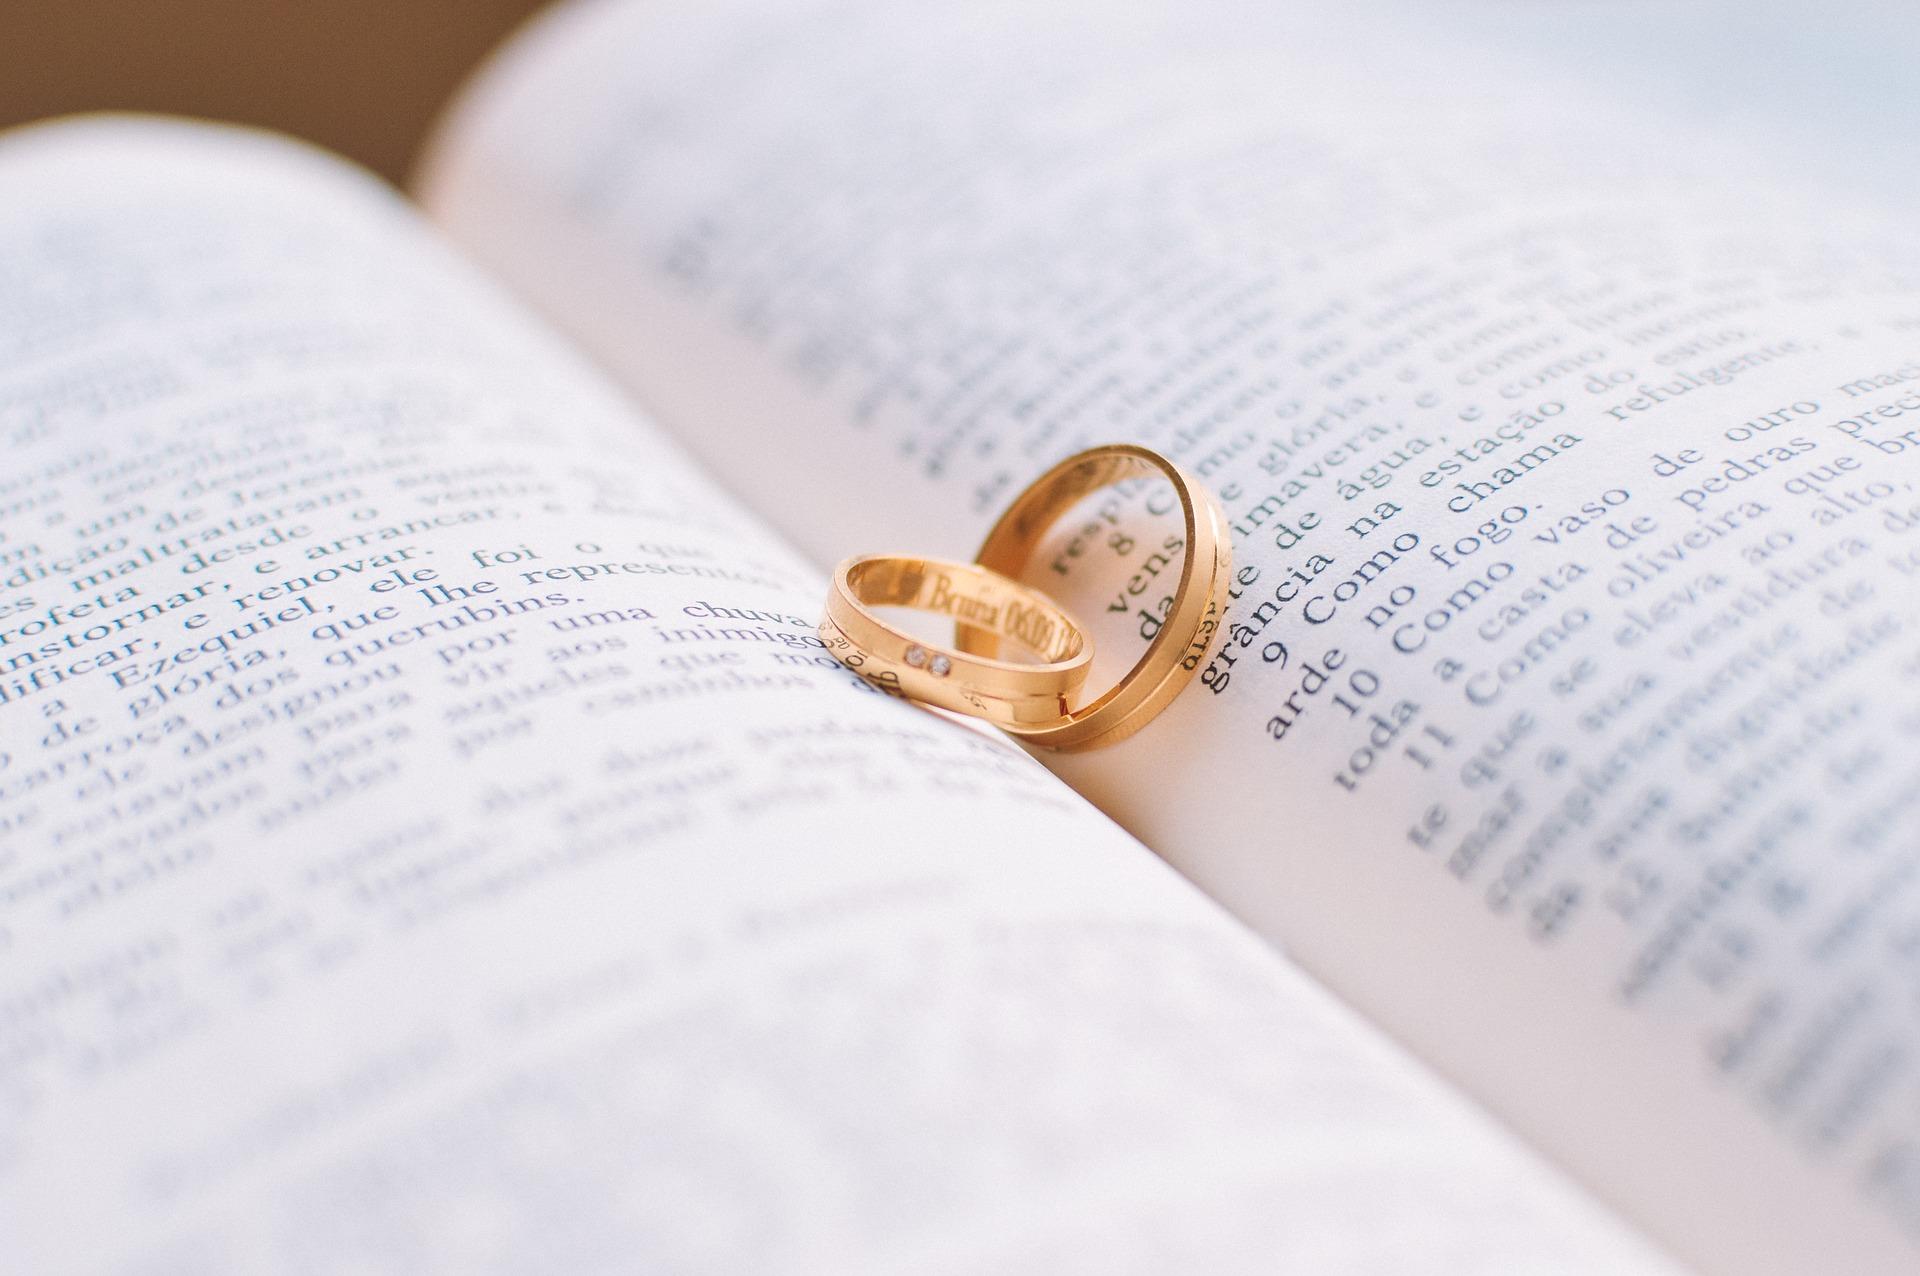 自分らしく結婚式を挙げたい方に必見!三河で式場探しから相談できる心強い存在とは